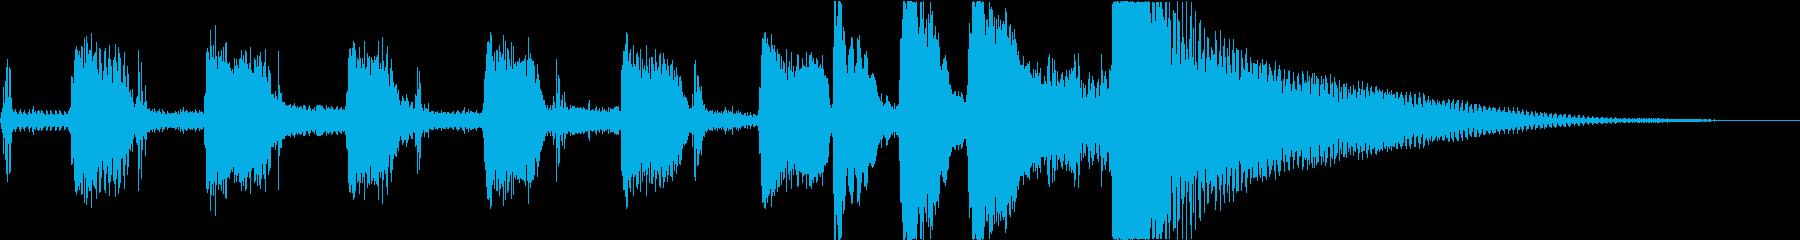 とぼけた日常を表現したジングルの再生済みの波形